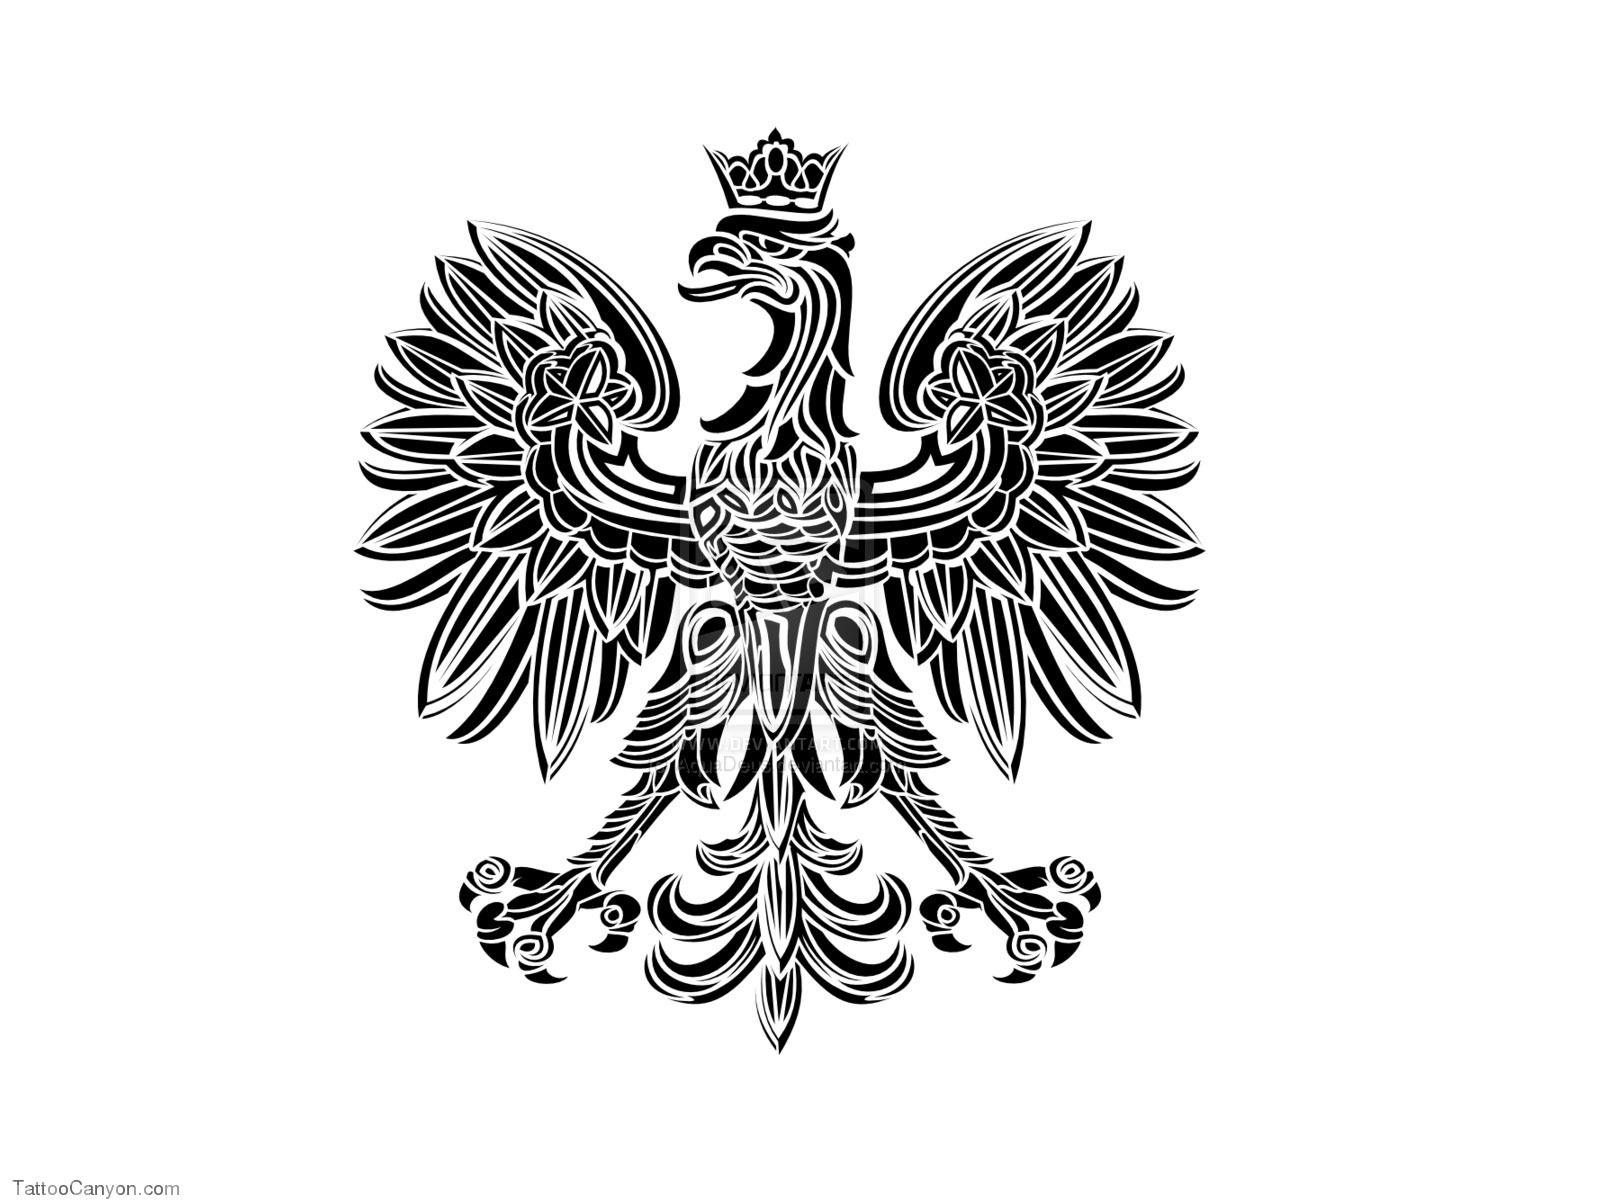 Polish tribal eagle tattoo 20130618 6568 semar88com picture 16506 polish tribal eagle tattoo 20130618 6568 semar88com picture 16506 biocorpaavc Choice Image